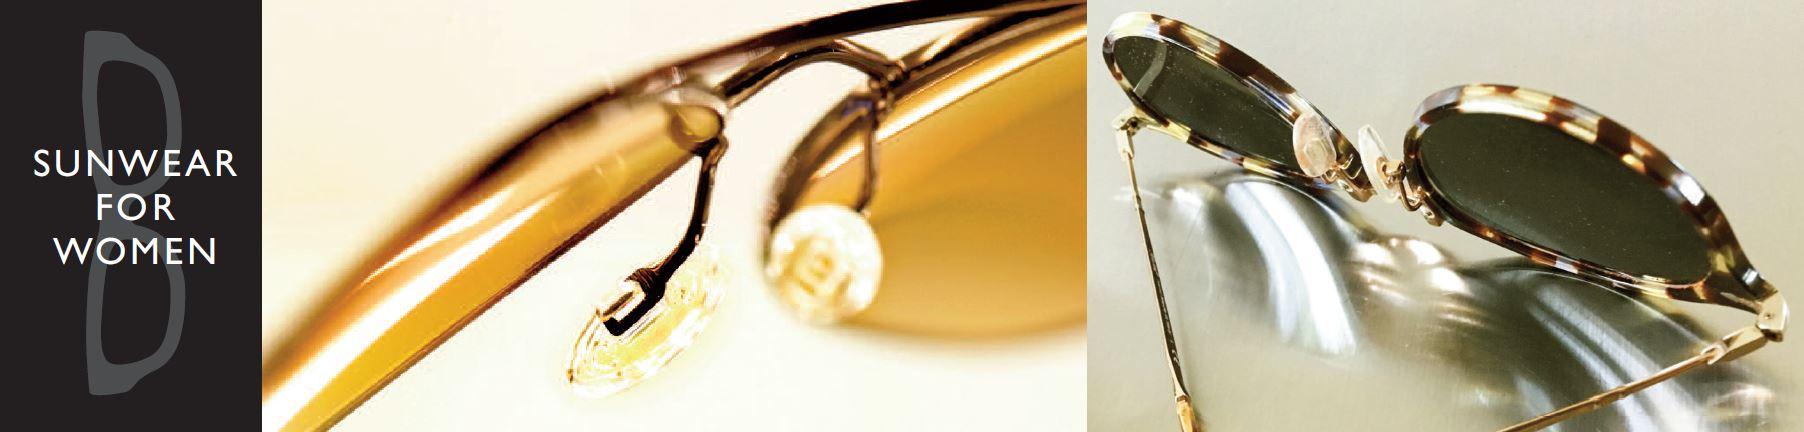 Sunware for Women Grand Central Optical